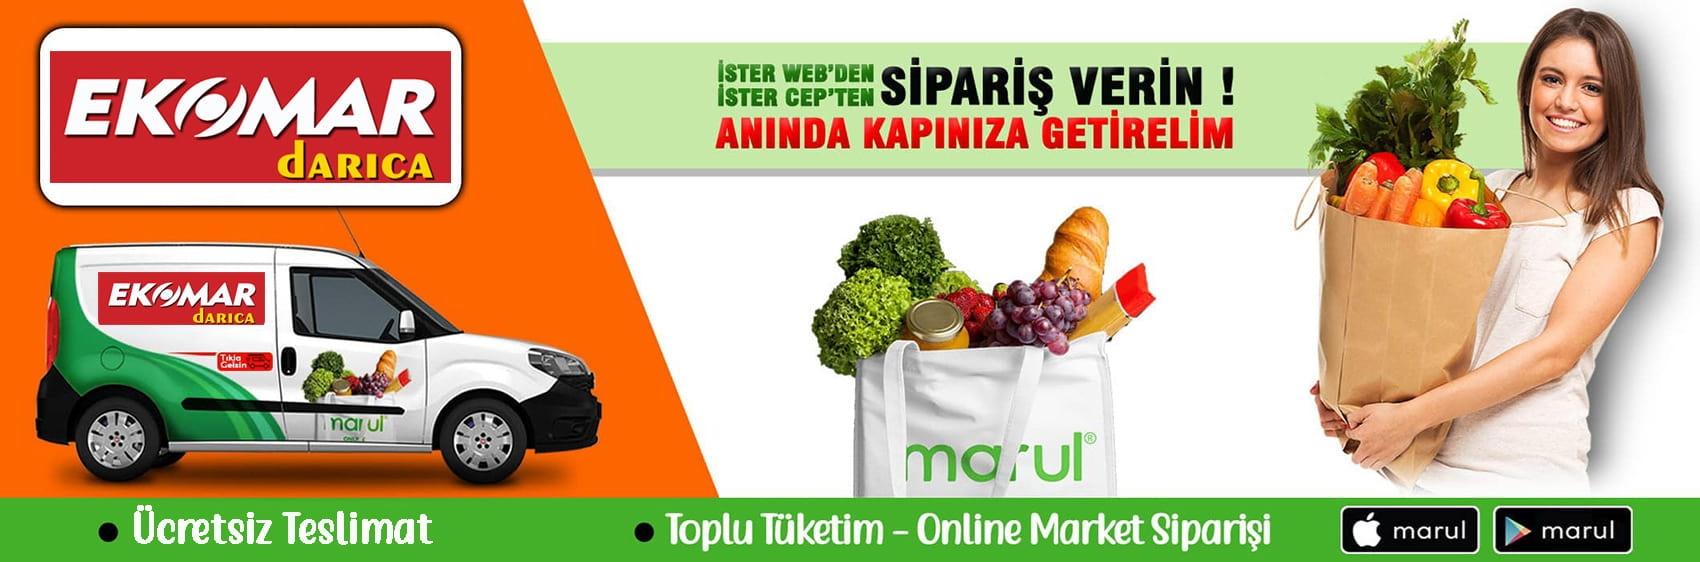 ekomar market online market sipariş darıca